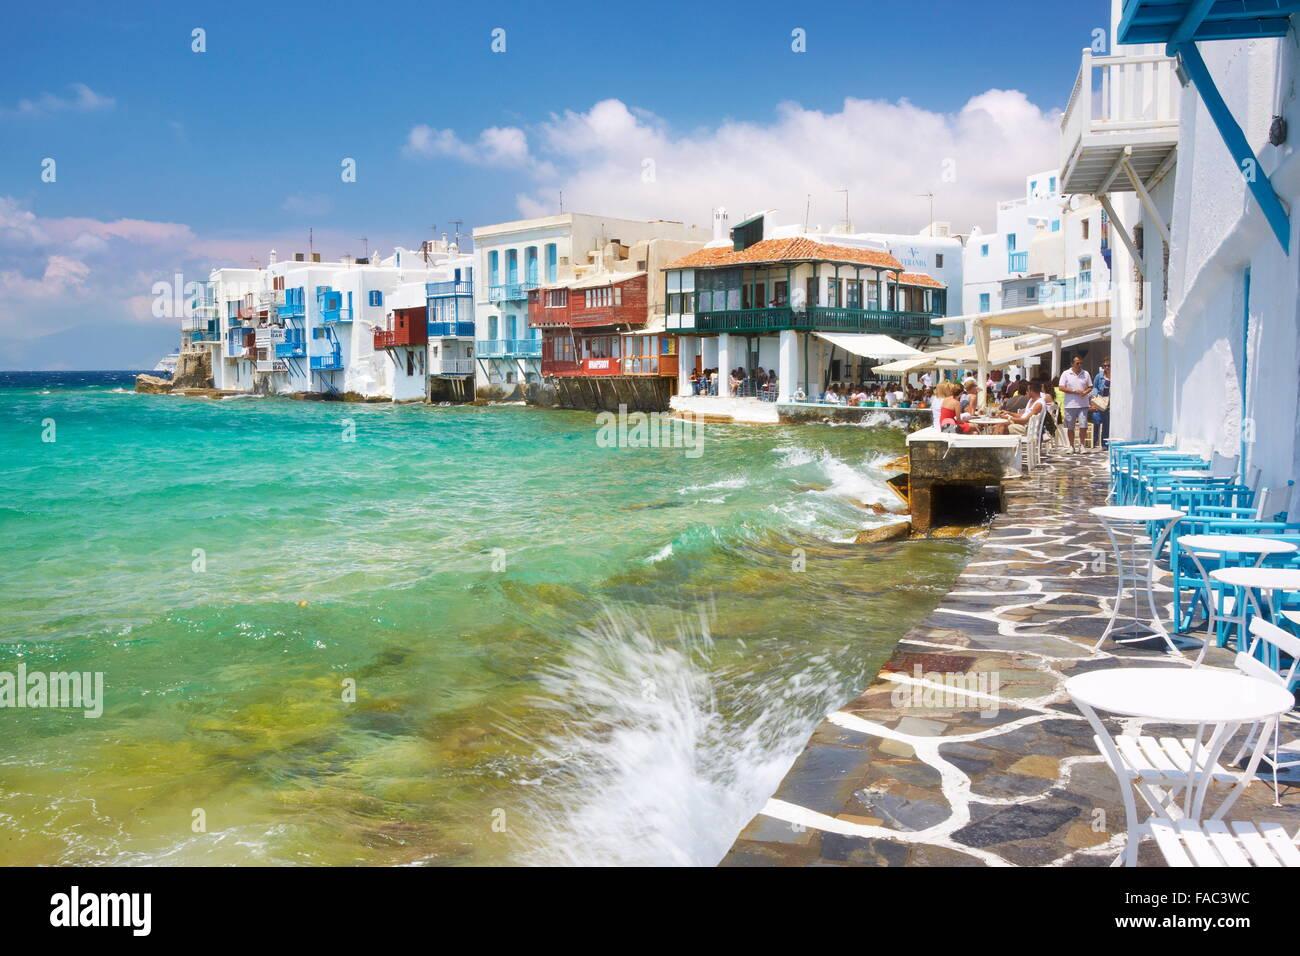 Mykonos Town (Little Venice), Mykonos Island, Cyclades, Greece - Stock Image